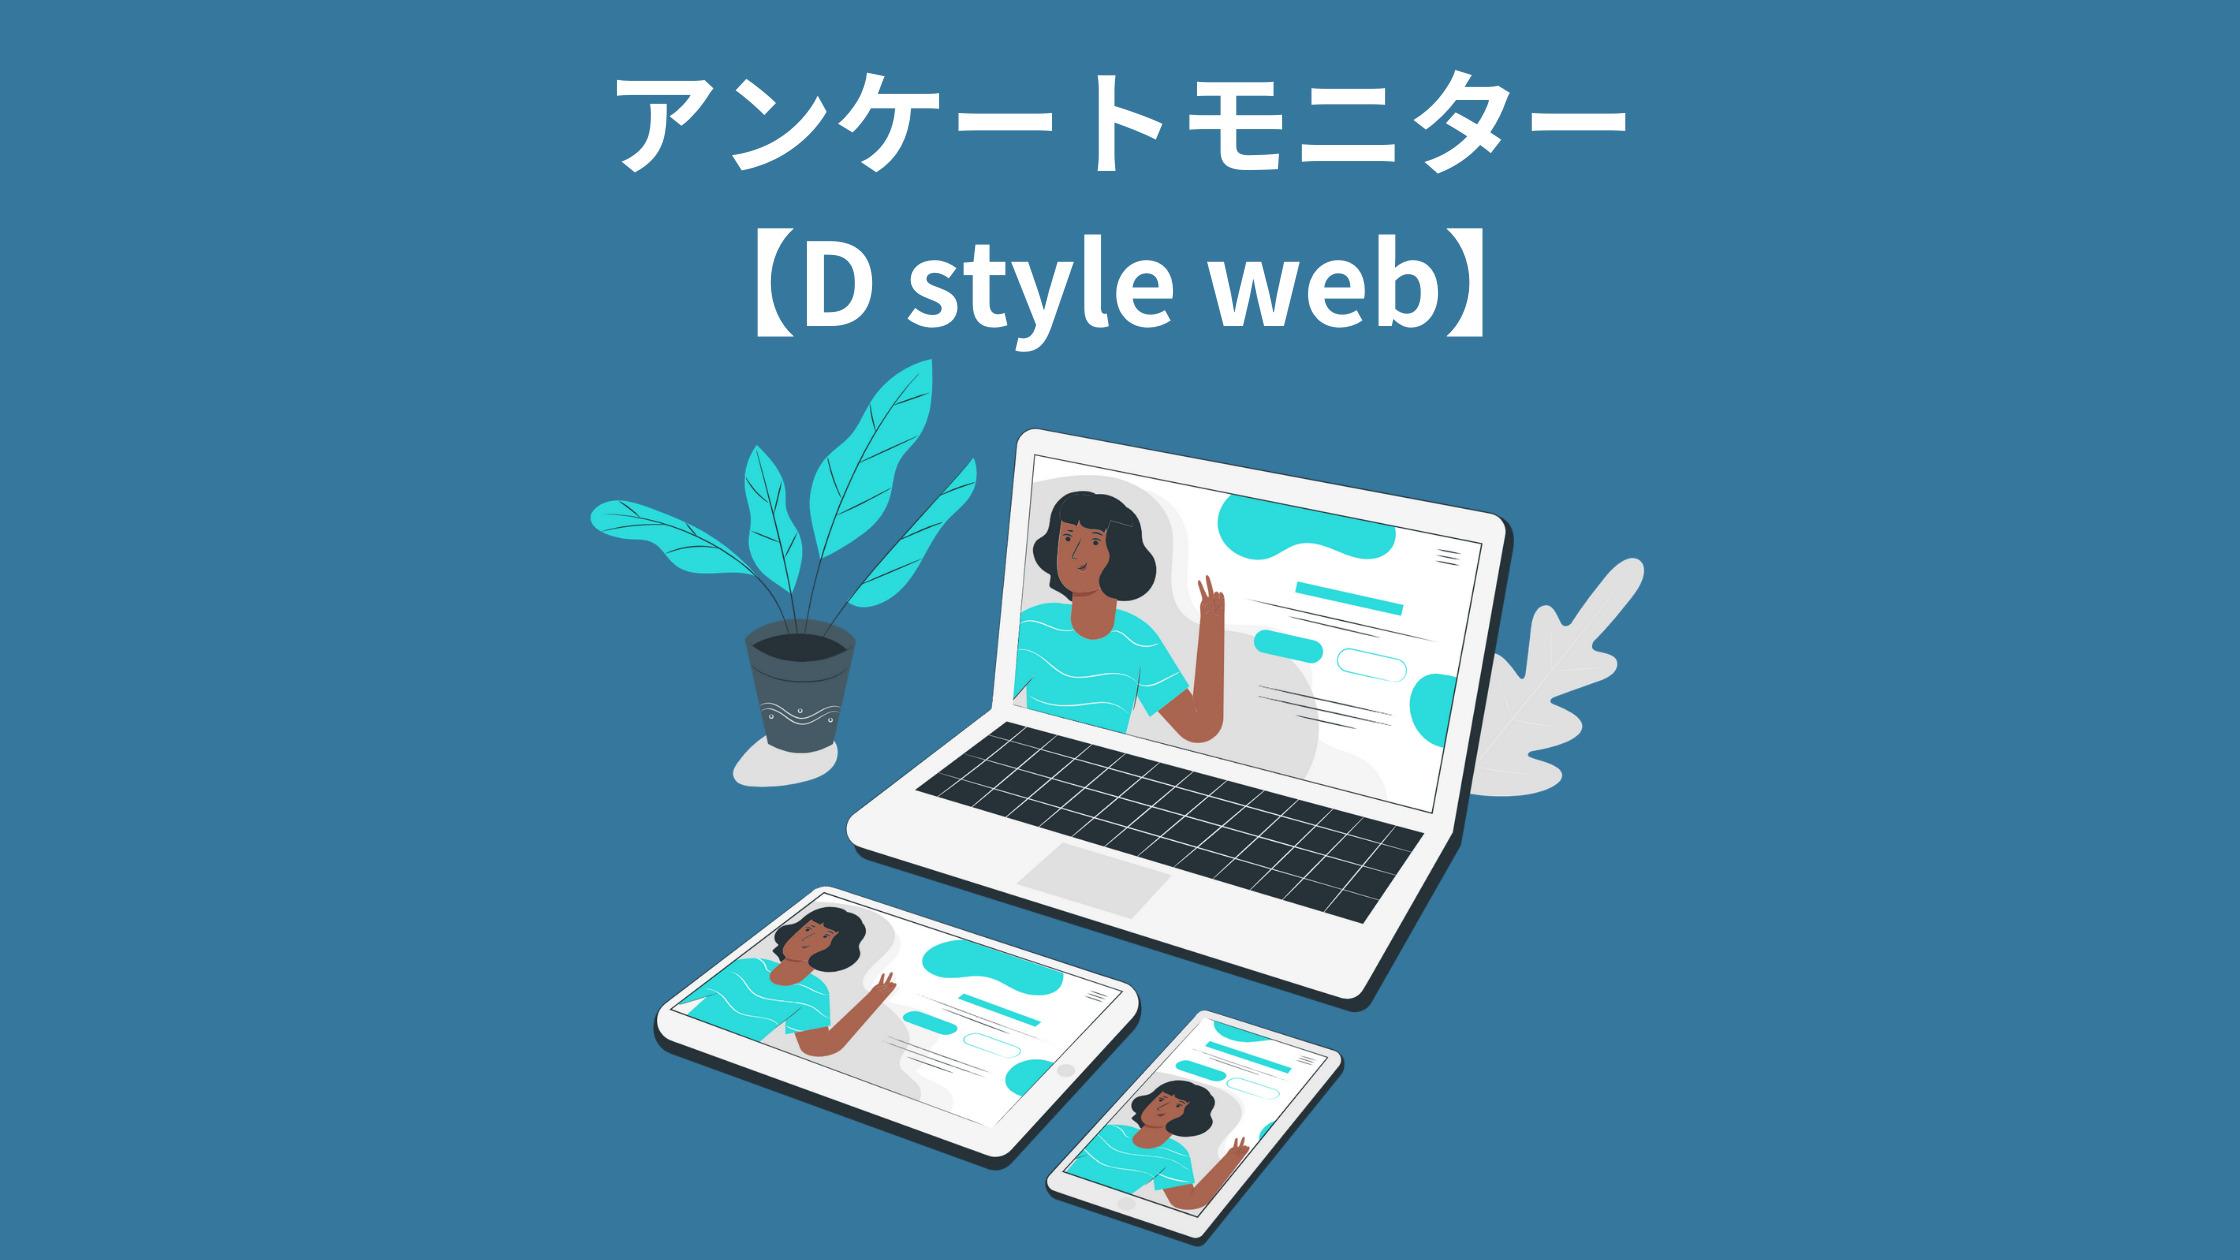 アンケートモニター 【D style web】